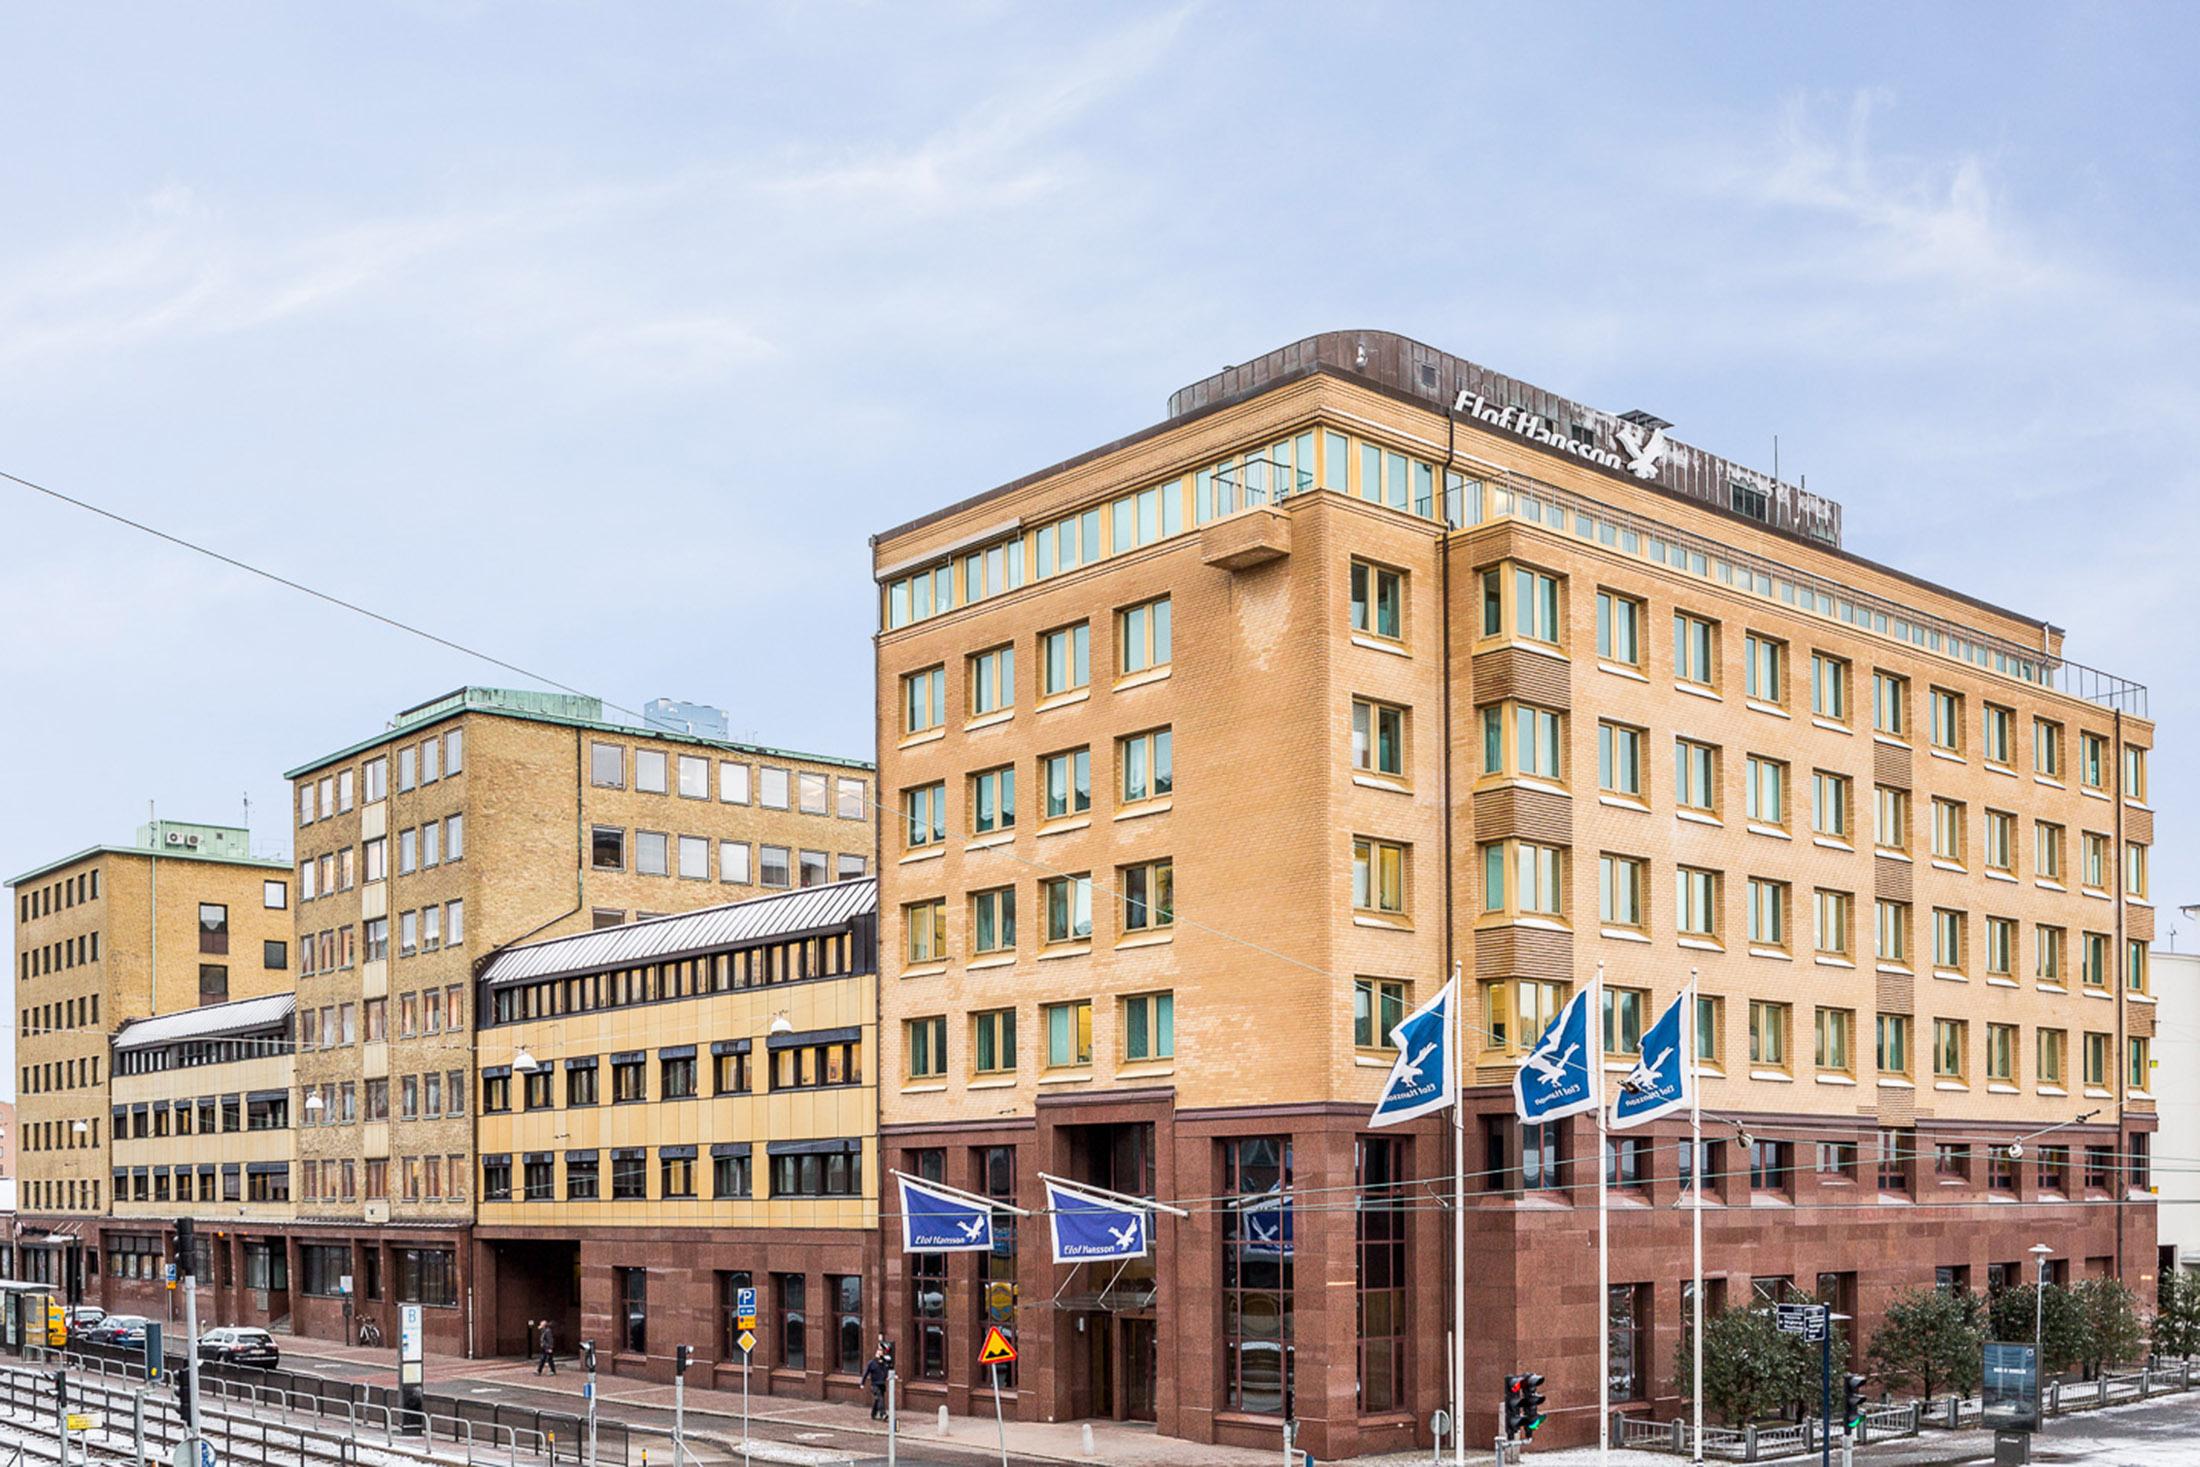 Fastighet på Första Långgatan 17-21.